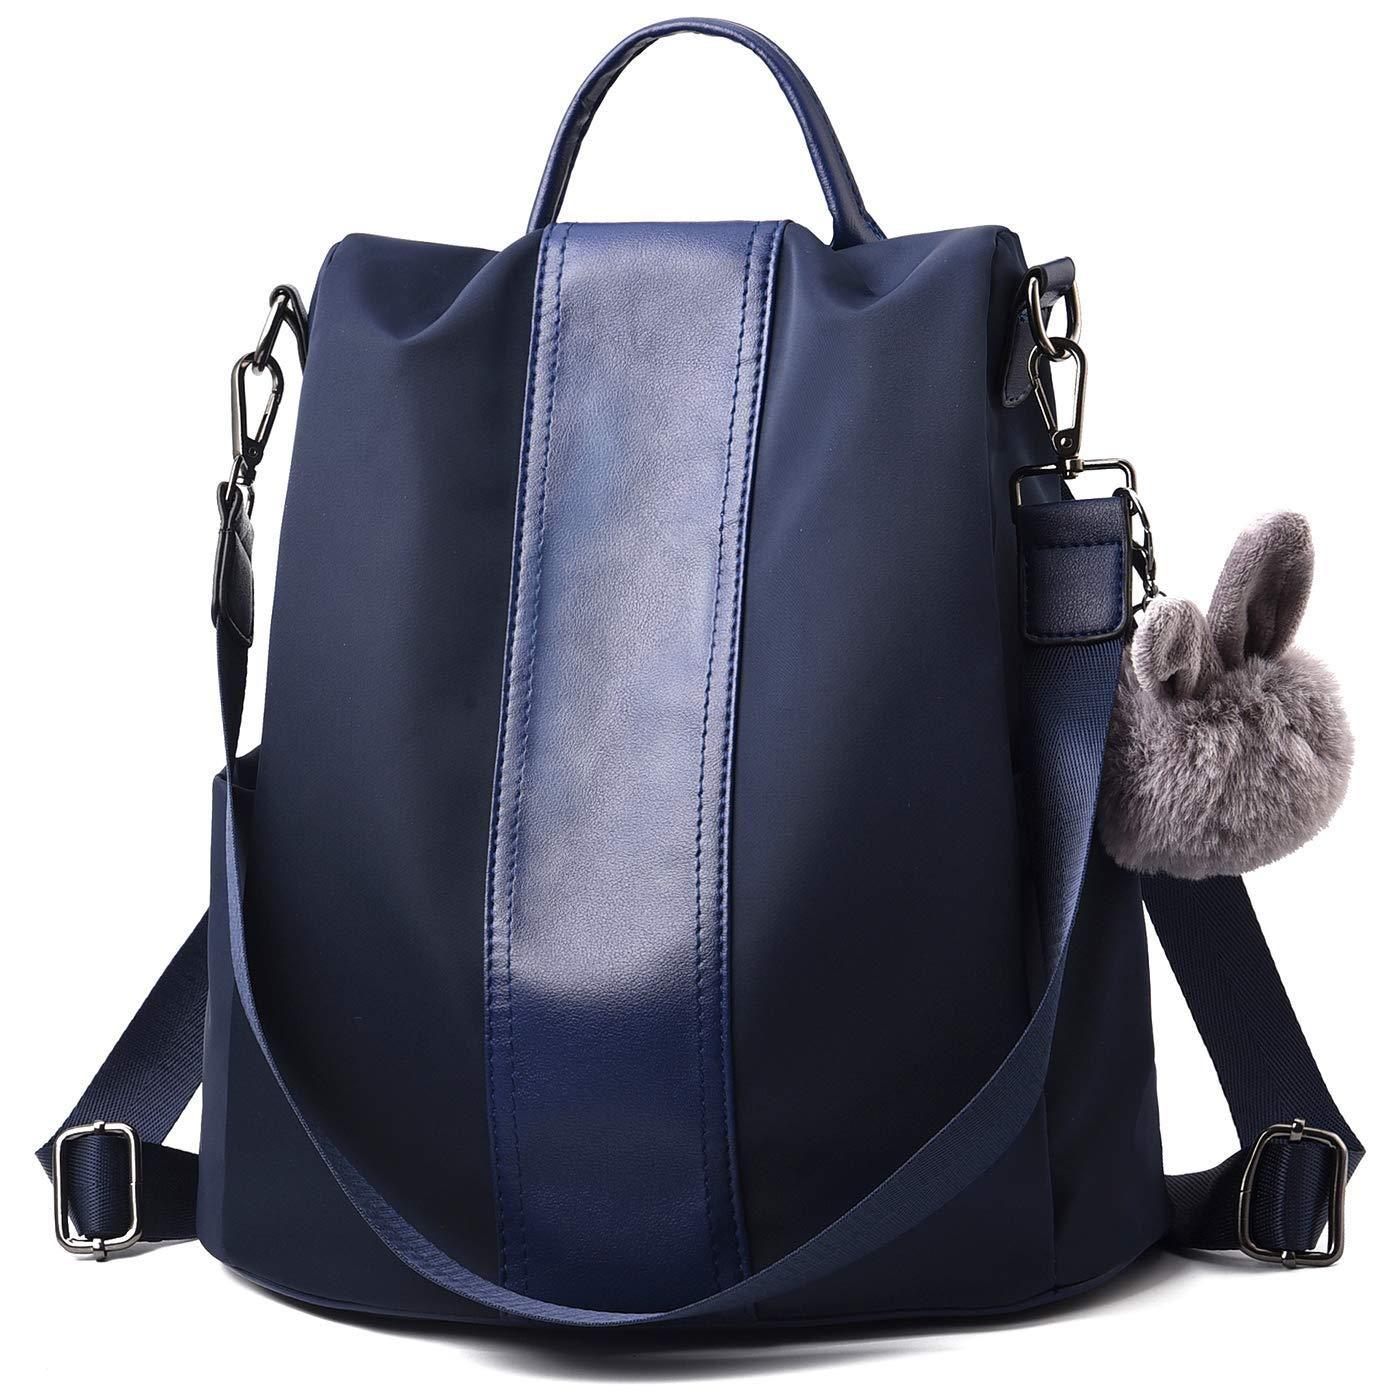 Charmore Women Backpack Ladies Rucksack Waterproof Nylon School bags Anti-theft